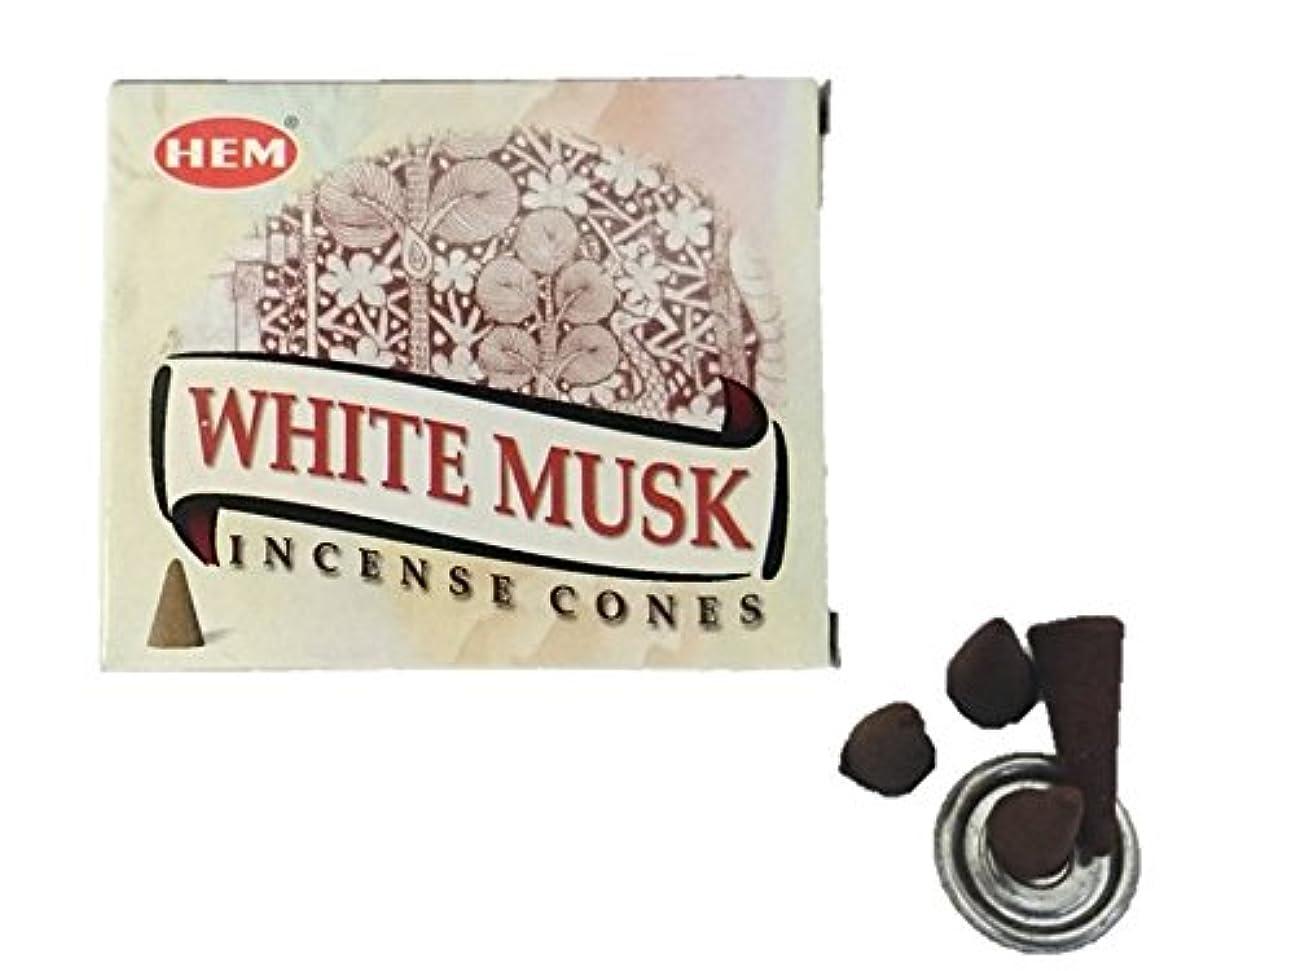 肌寒いシュガー塗抹HEM(ヘム)お香 ホワイトムスク コーン 1箱